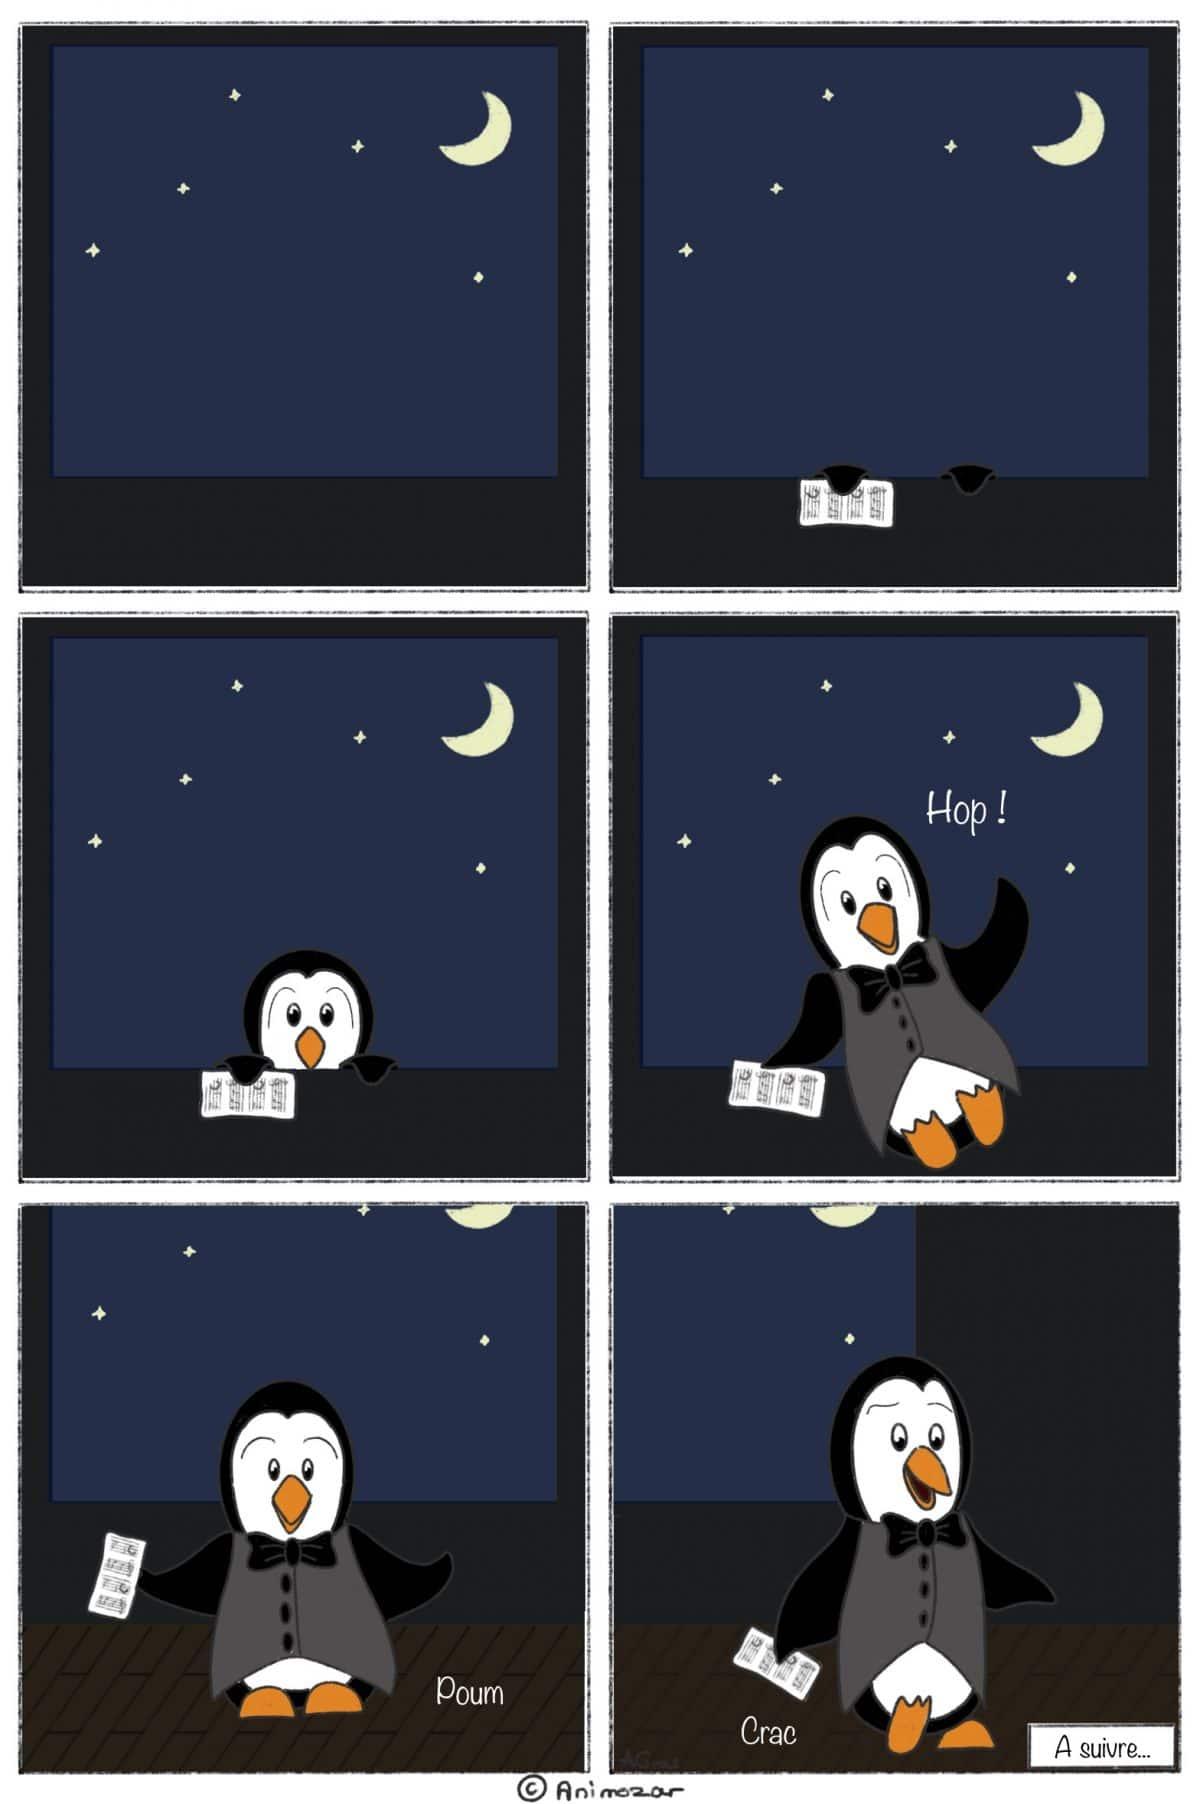 BD Cette nuit Un pingouin Animozar